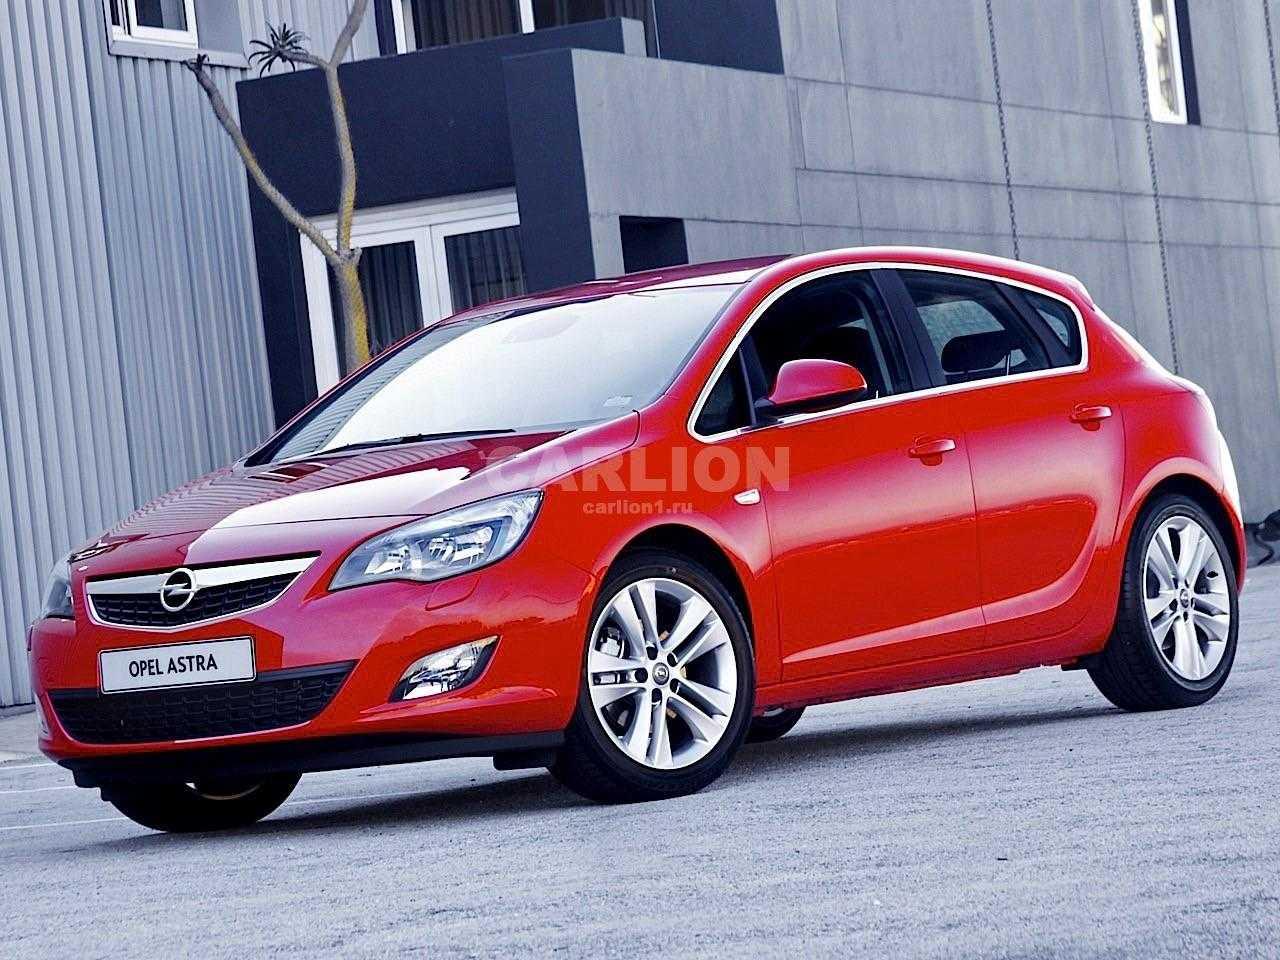 Opel astra wagon (опель астра универсал) - продажа, цены, отзывы, фото: 2705 объявлений